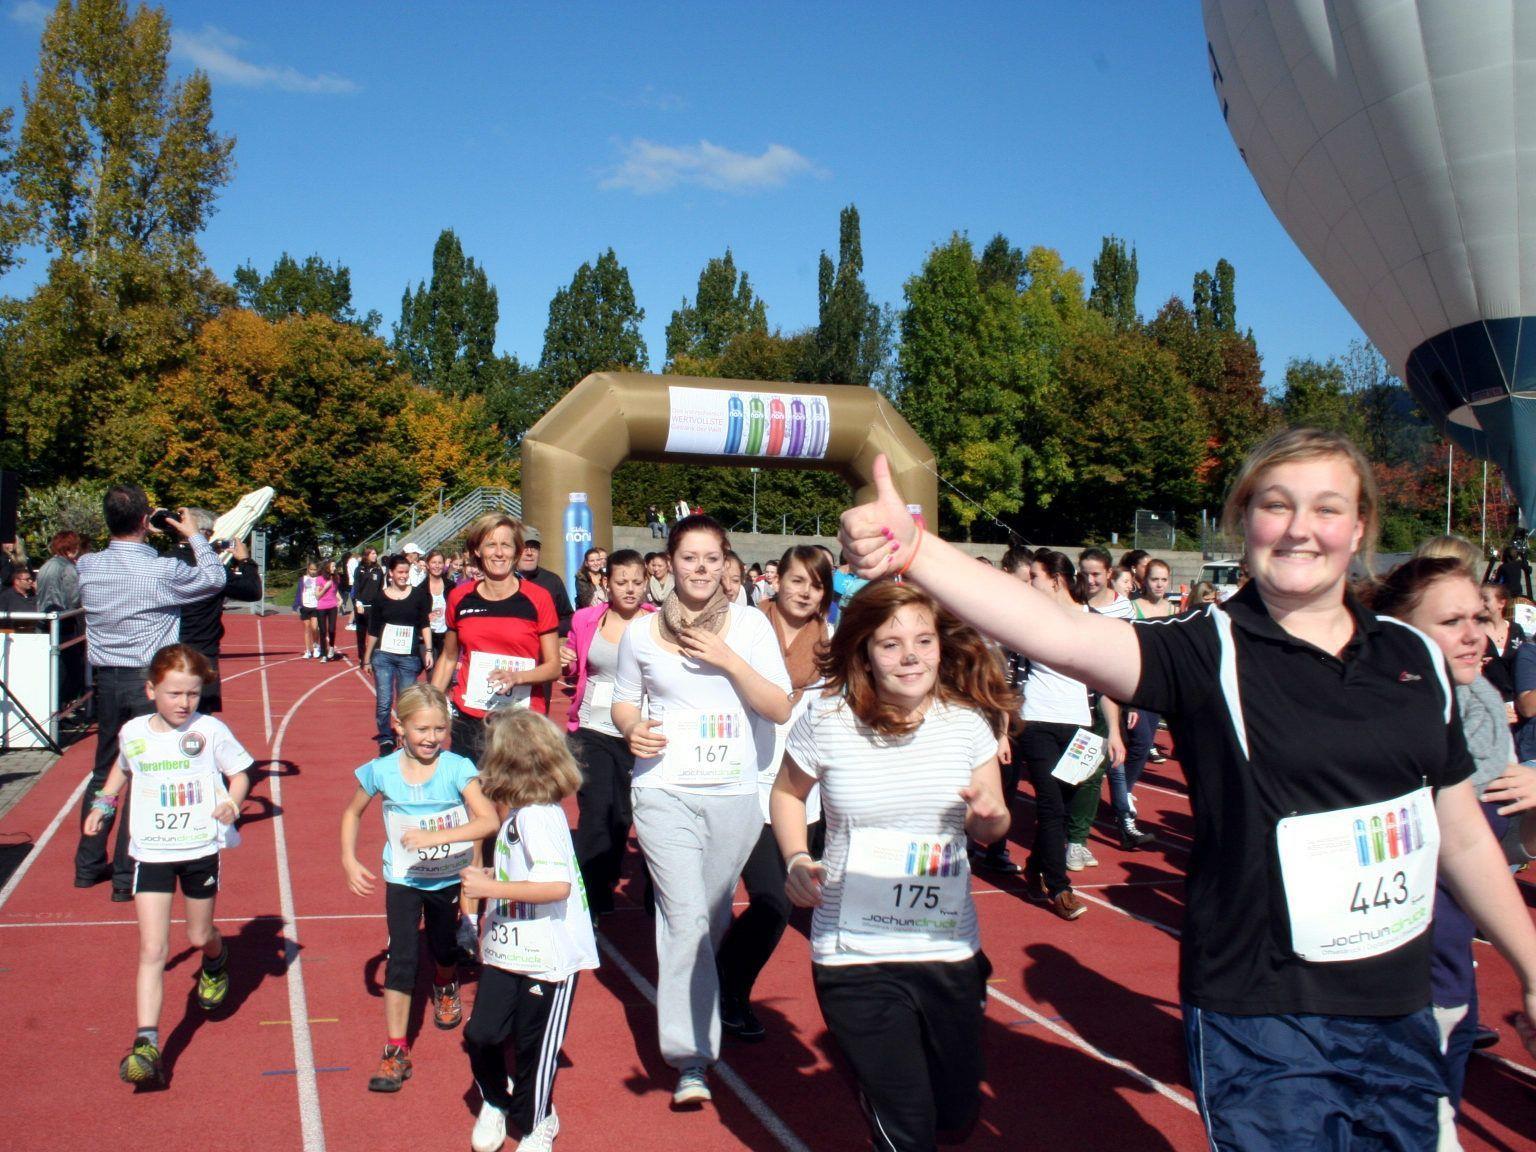 Rund 700 Schülerinnen und Schüler liefen beim Stundenlauf für einen guten Zweck.